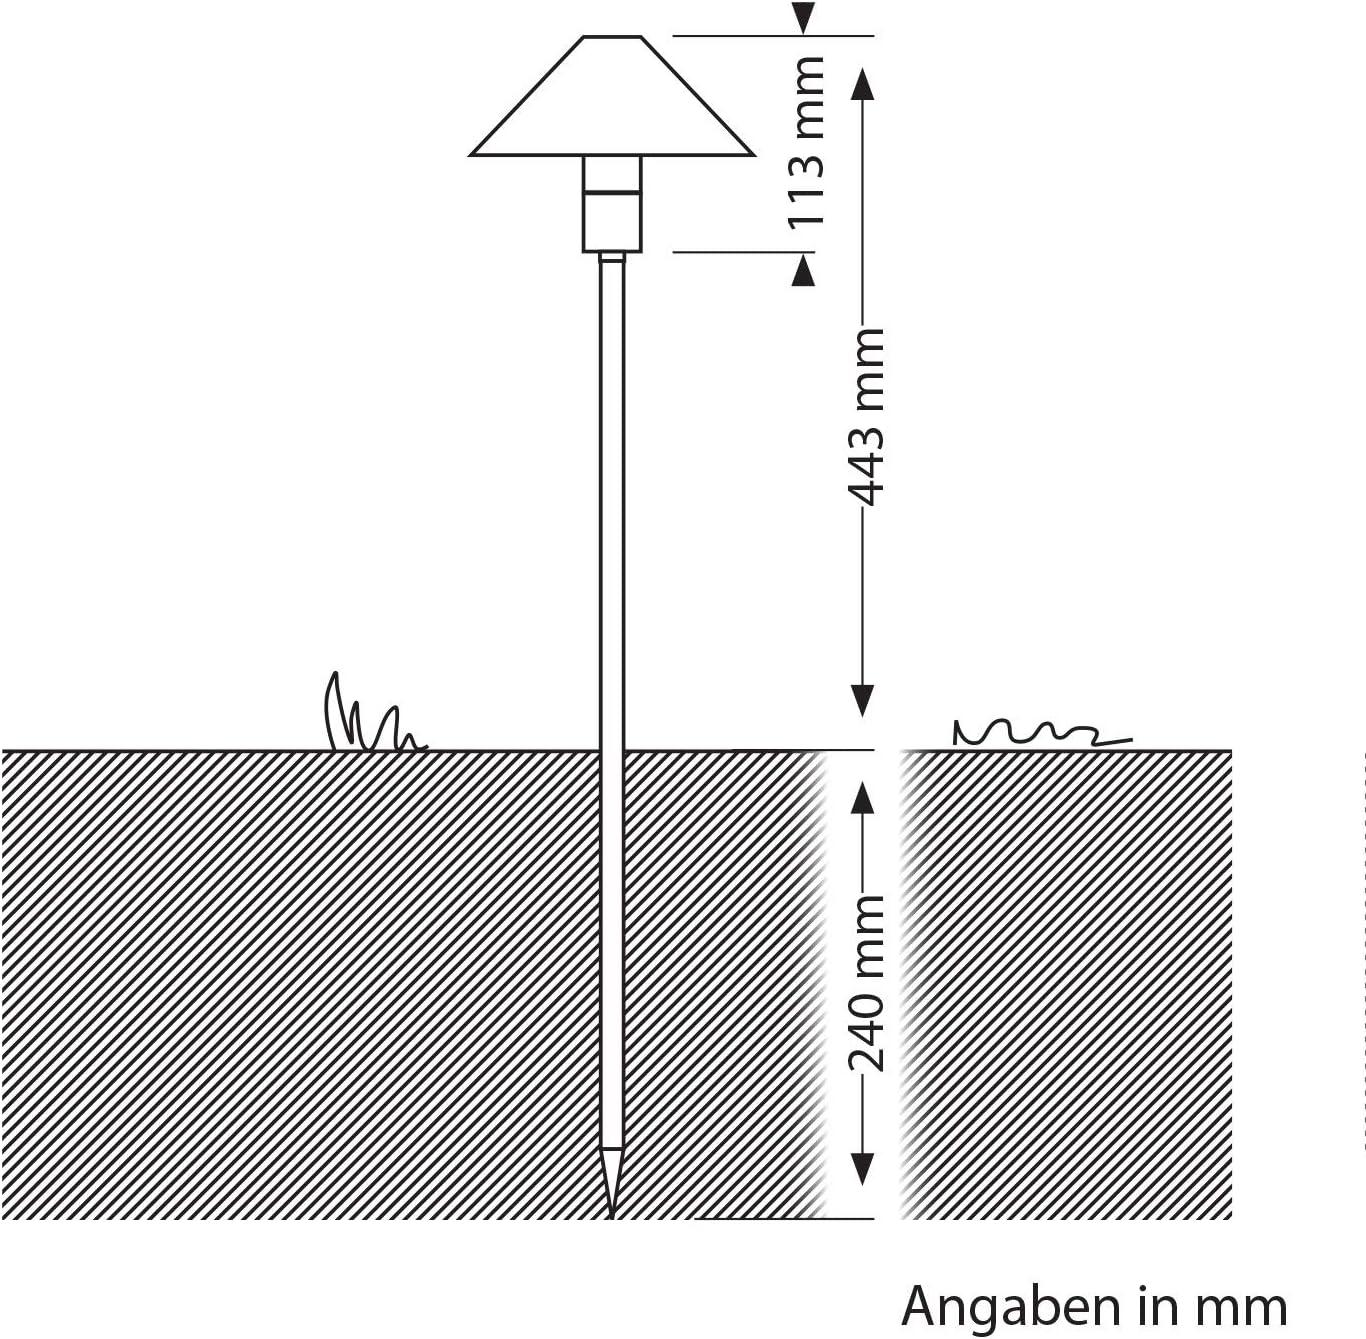 ledscom.de LED Gartenleuchte Hastam II schwarz mit Erdspieß für außen, IP65, 100lm, kalt-weiß, 5er Set 8er-set